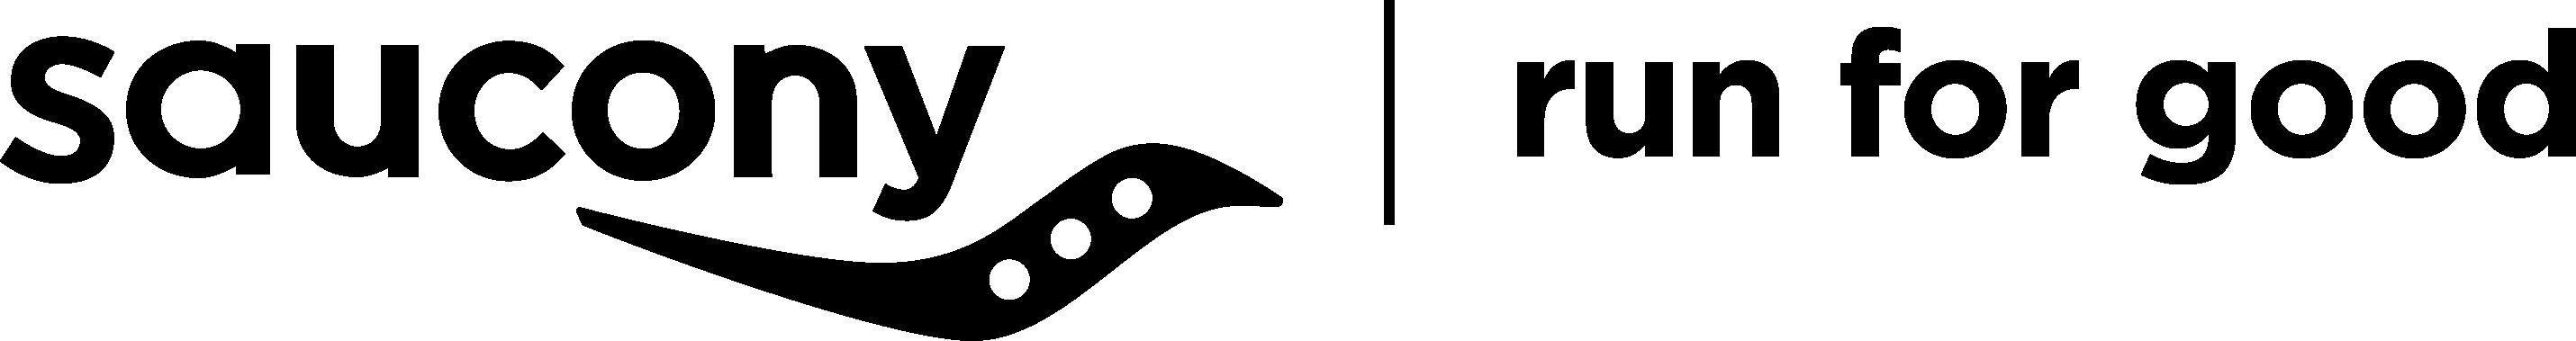 5d3f84a55dc69.png